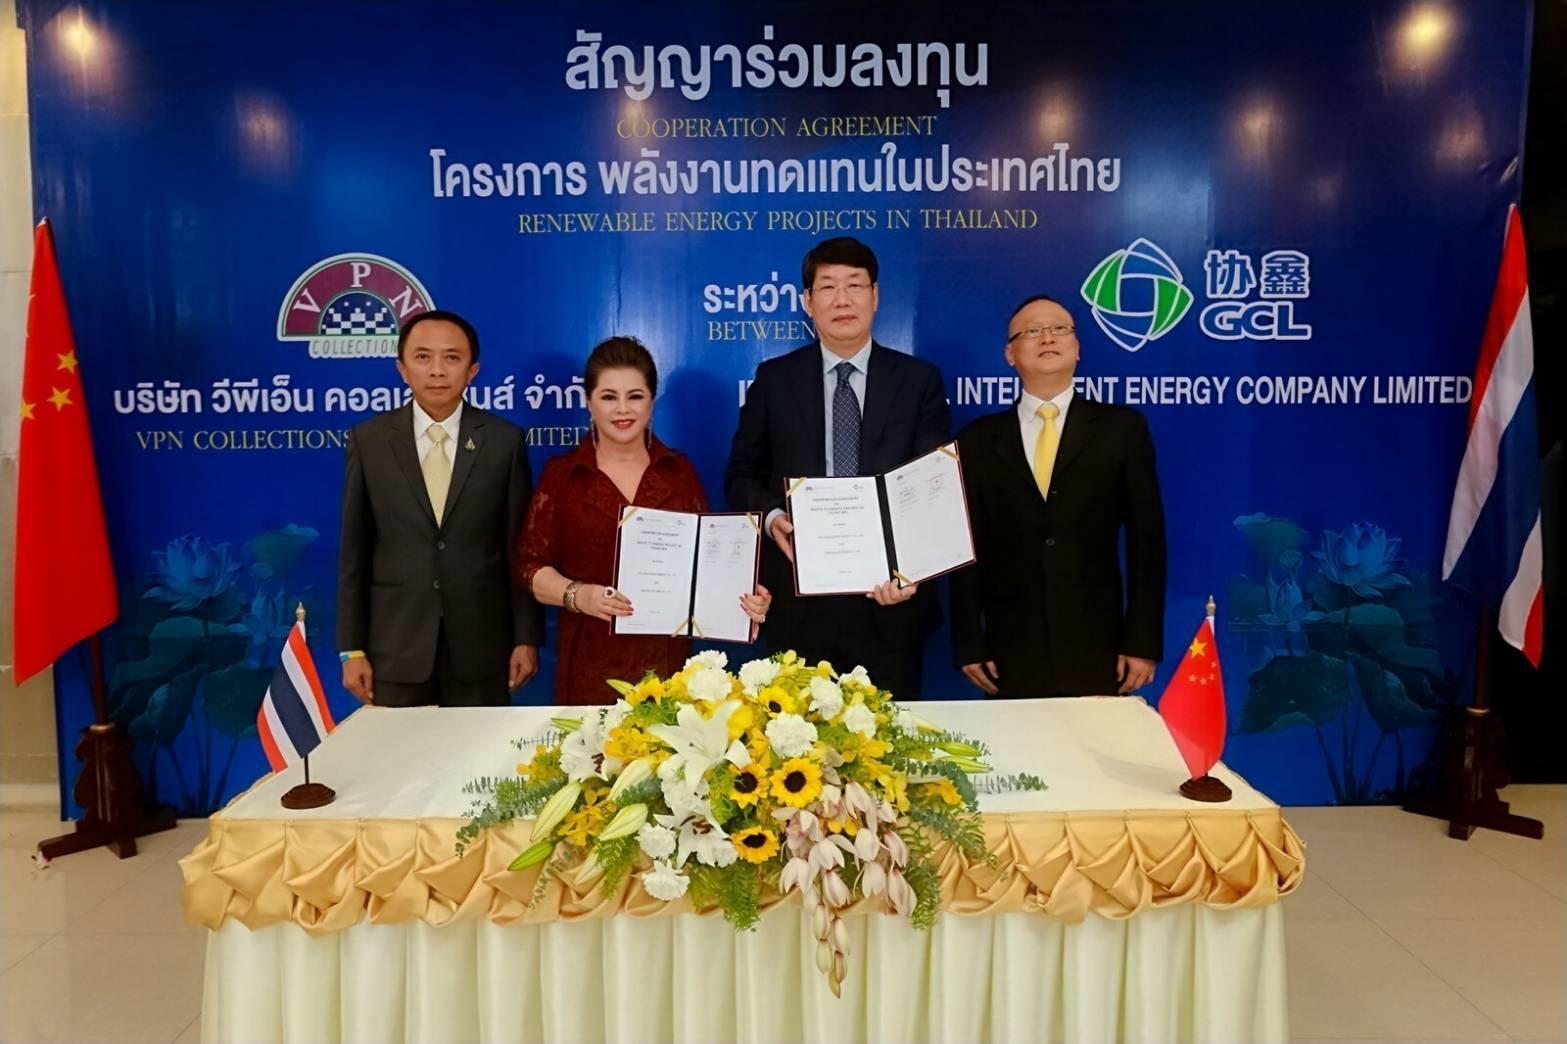 พิธีลงนามสัญญาร่วมลงทุน โครงการพลังงานทดแทนในประเทศไทย ระหว่าง บริษัท วีพีเอ็น คอลเล็คชั่นส์ จำกัด และ บริษัท จีซีแอล อินเทลเลเจ้นท์ เอ็นเนอร์ยี่ จำกัด